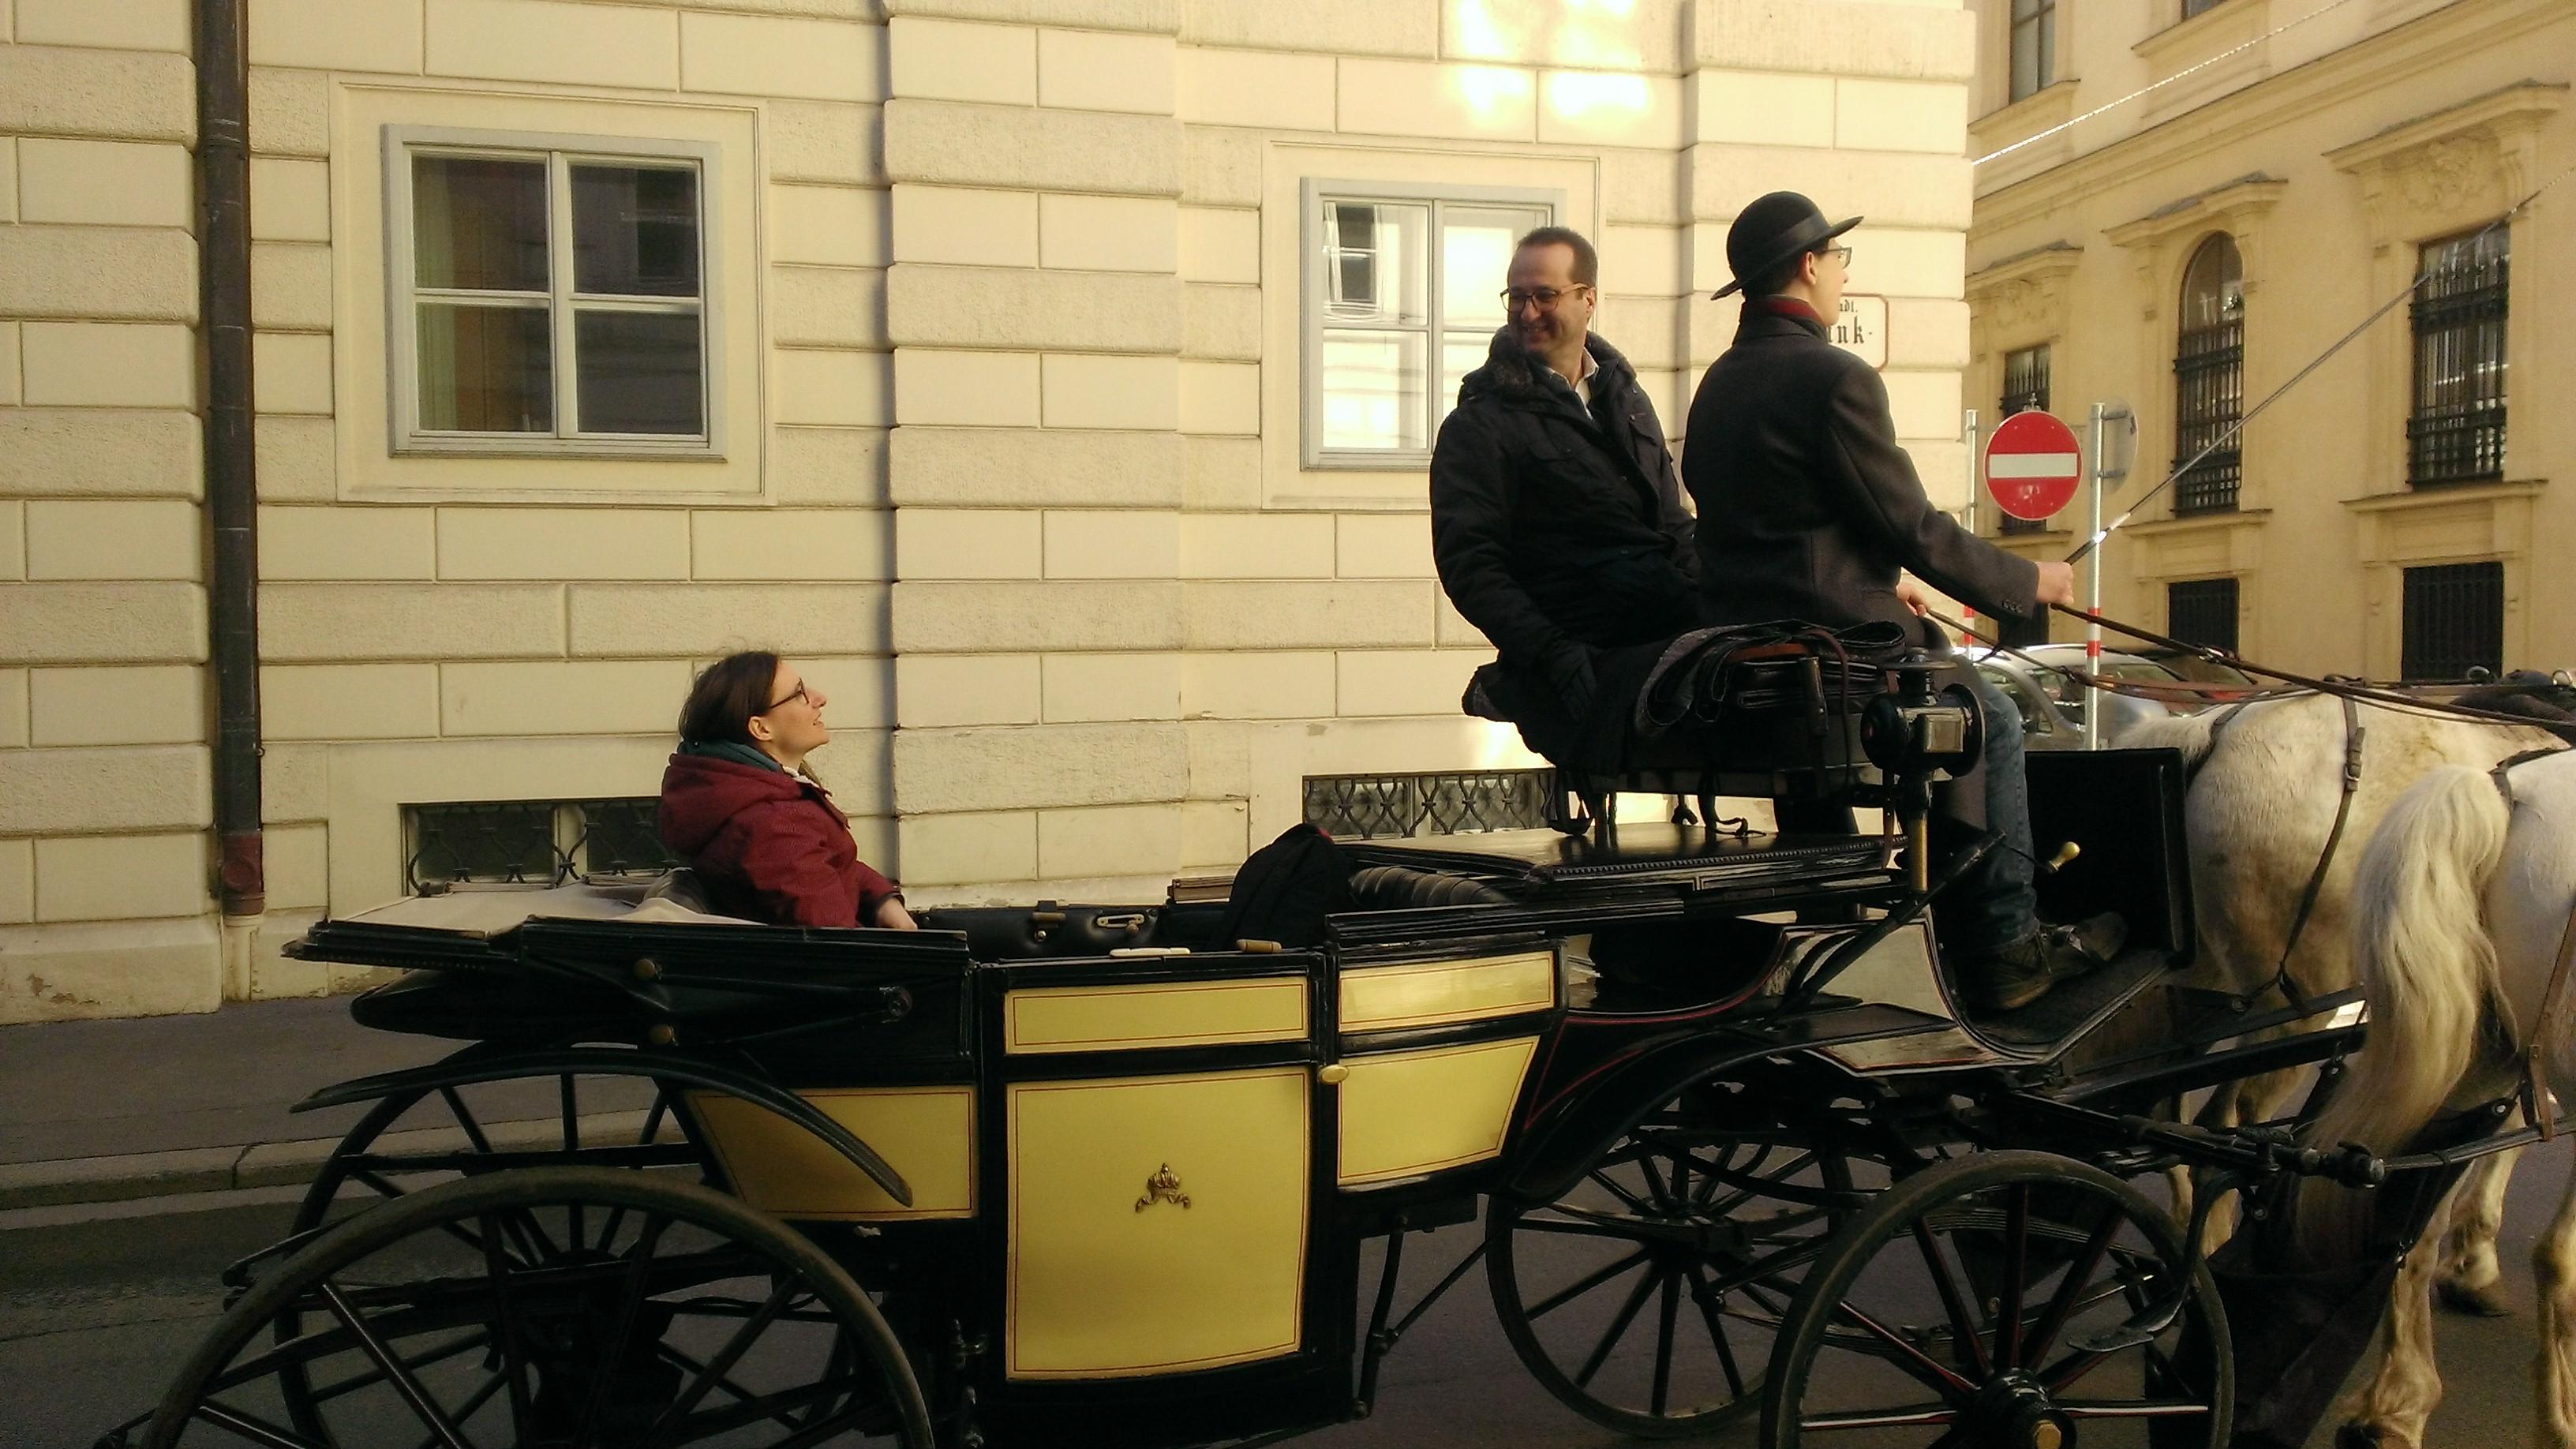 Fahrstunde bei Fiaker Wien